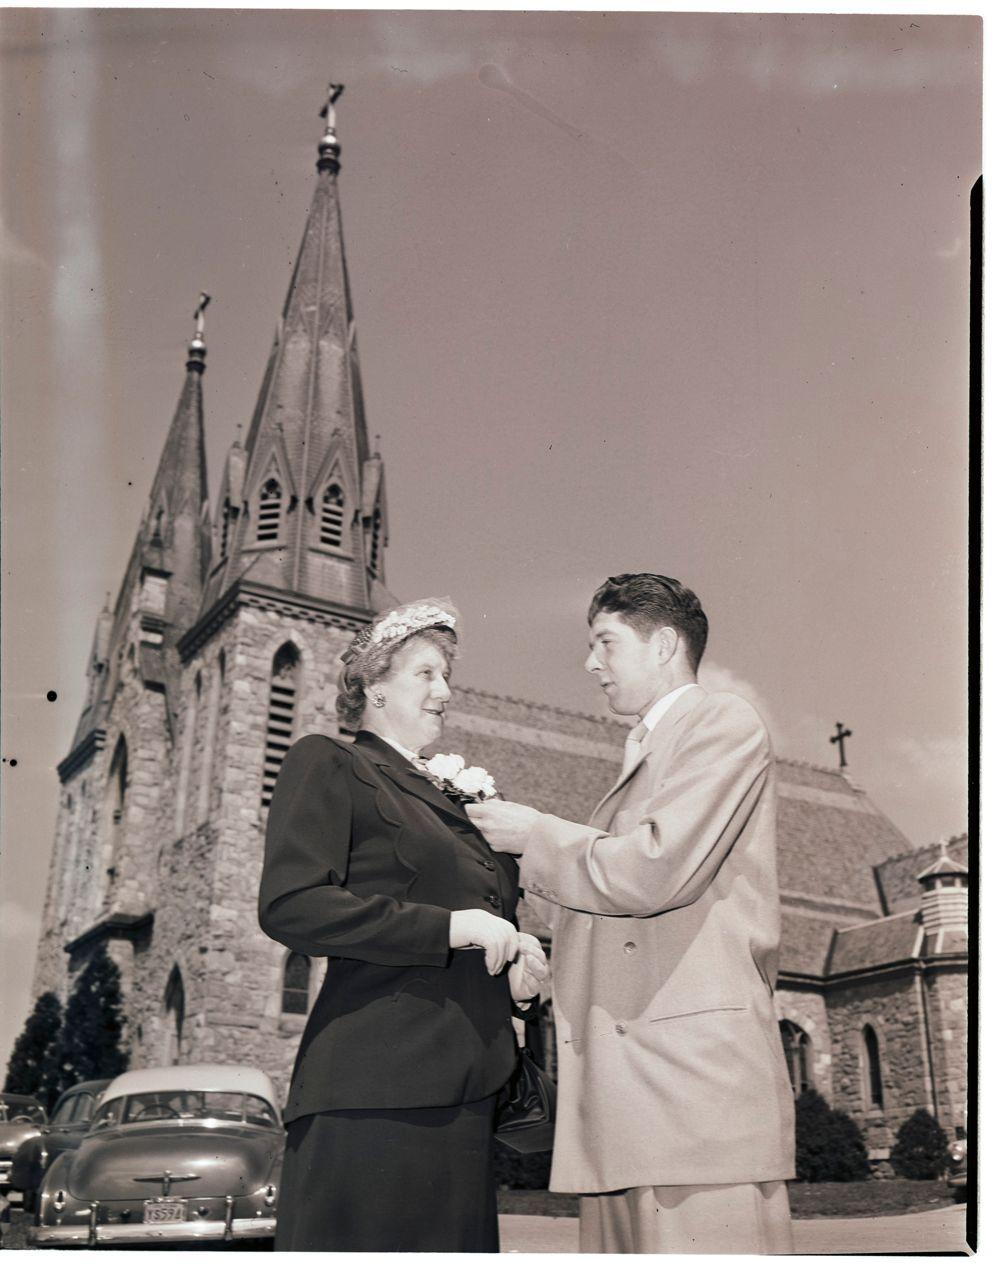 Corsage pinning, 1951